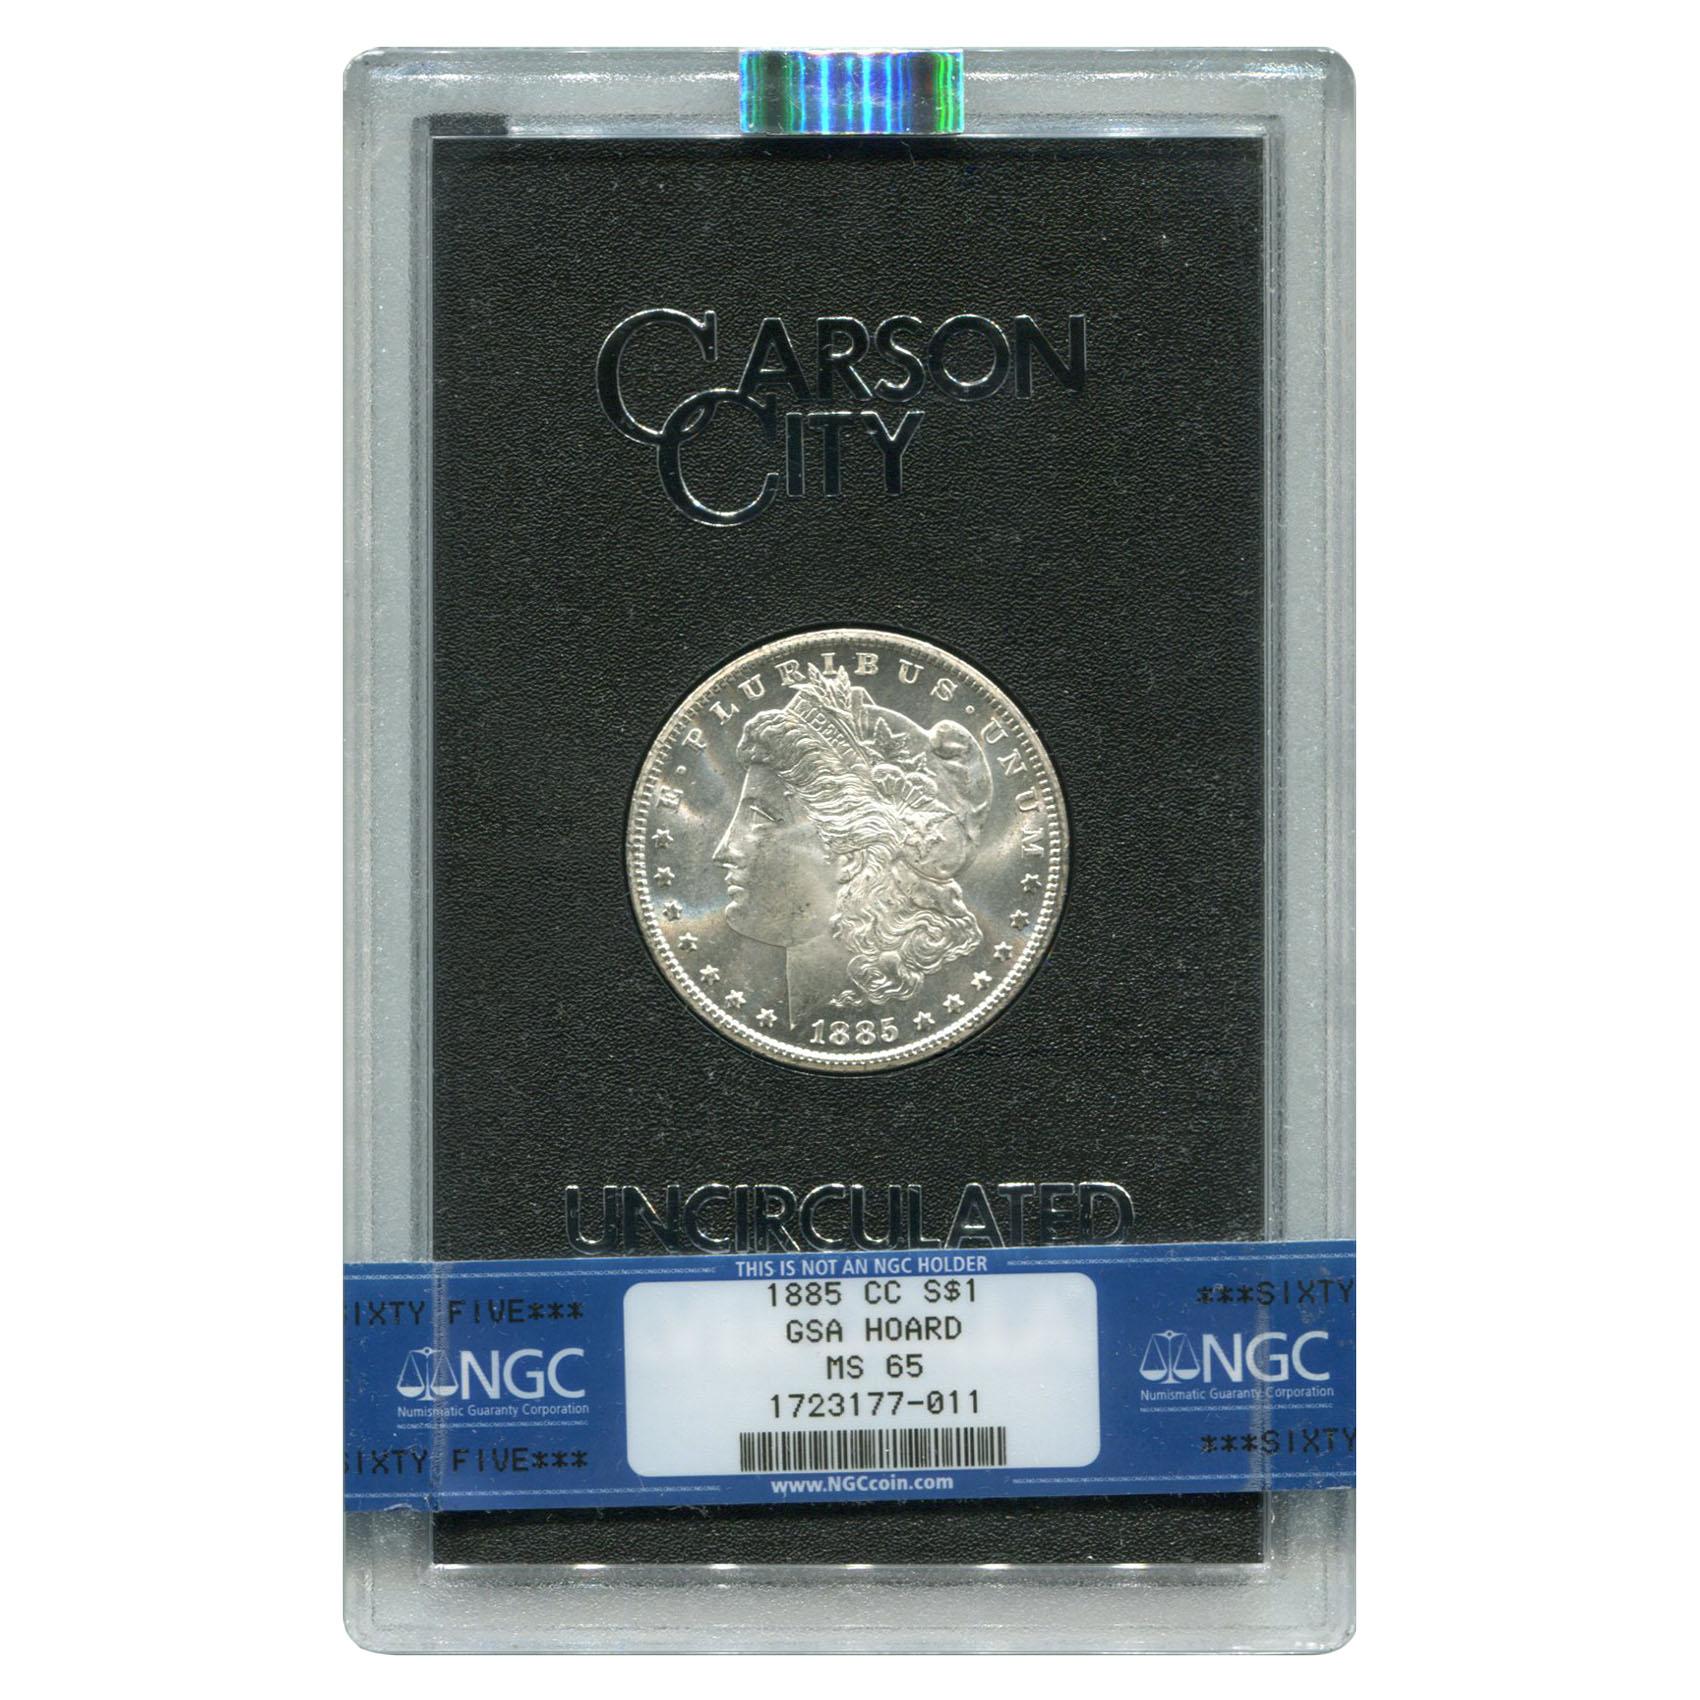 Carson City Morgan Silver Dollar 1885-CC GSA MS65 NGC